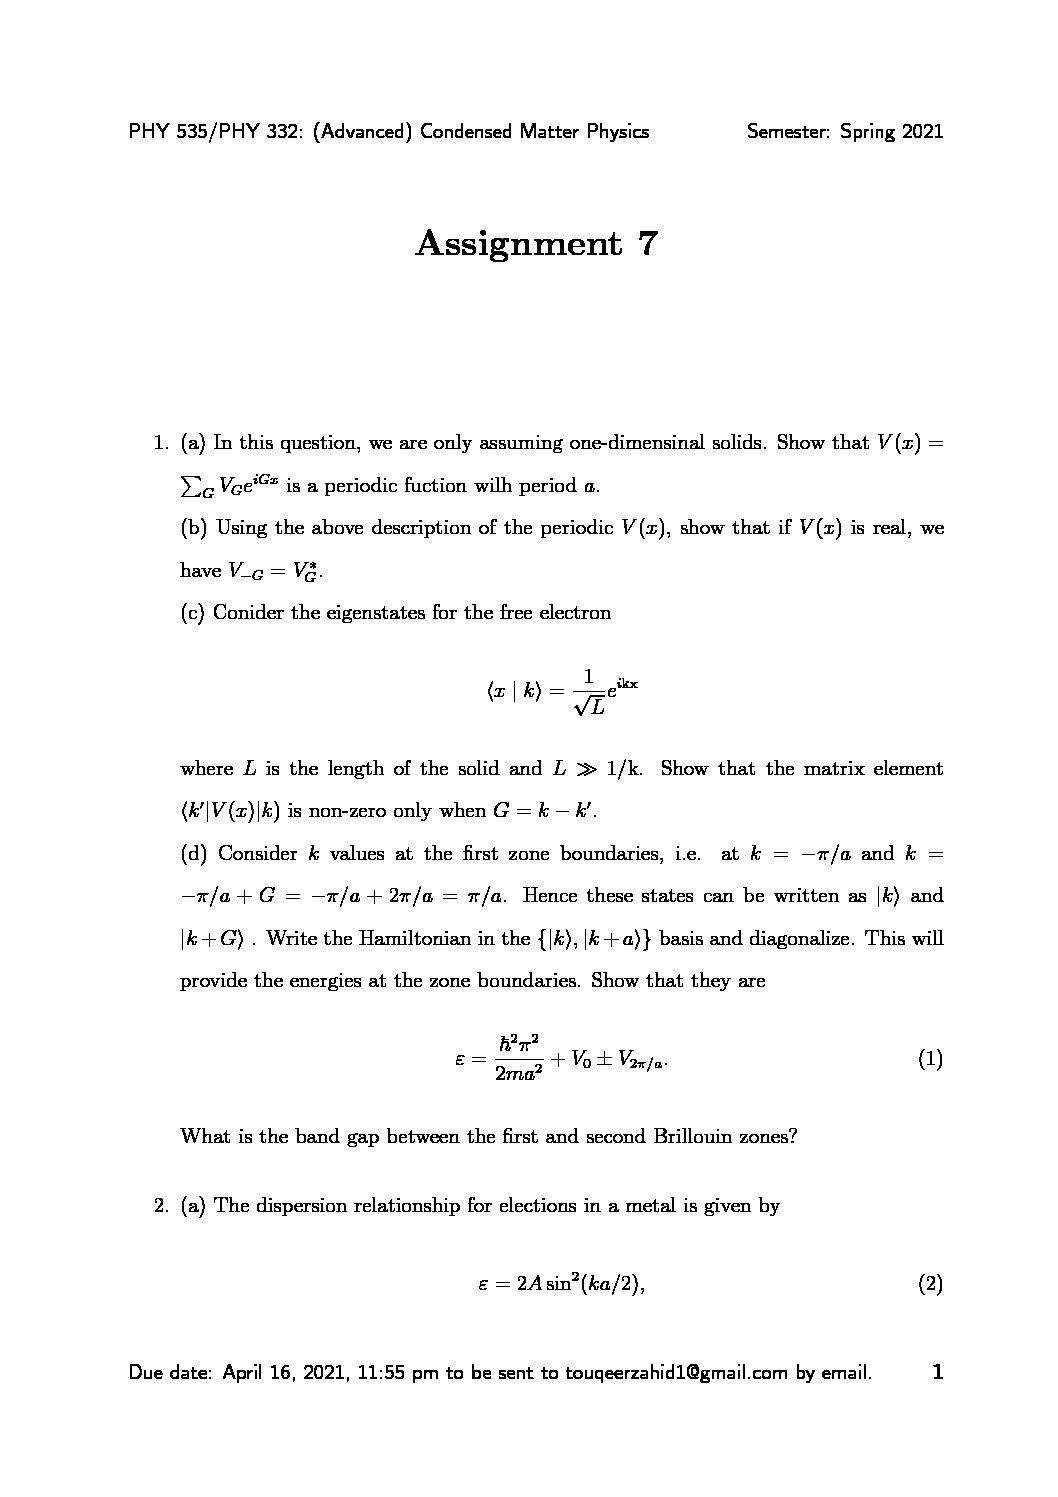 Homework 7